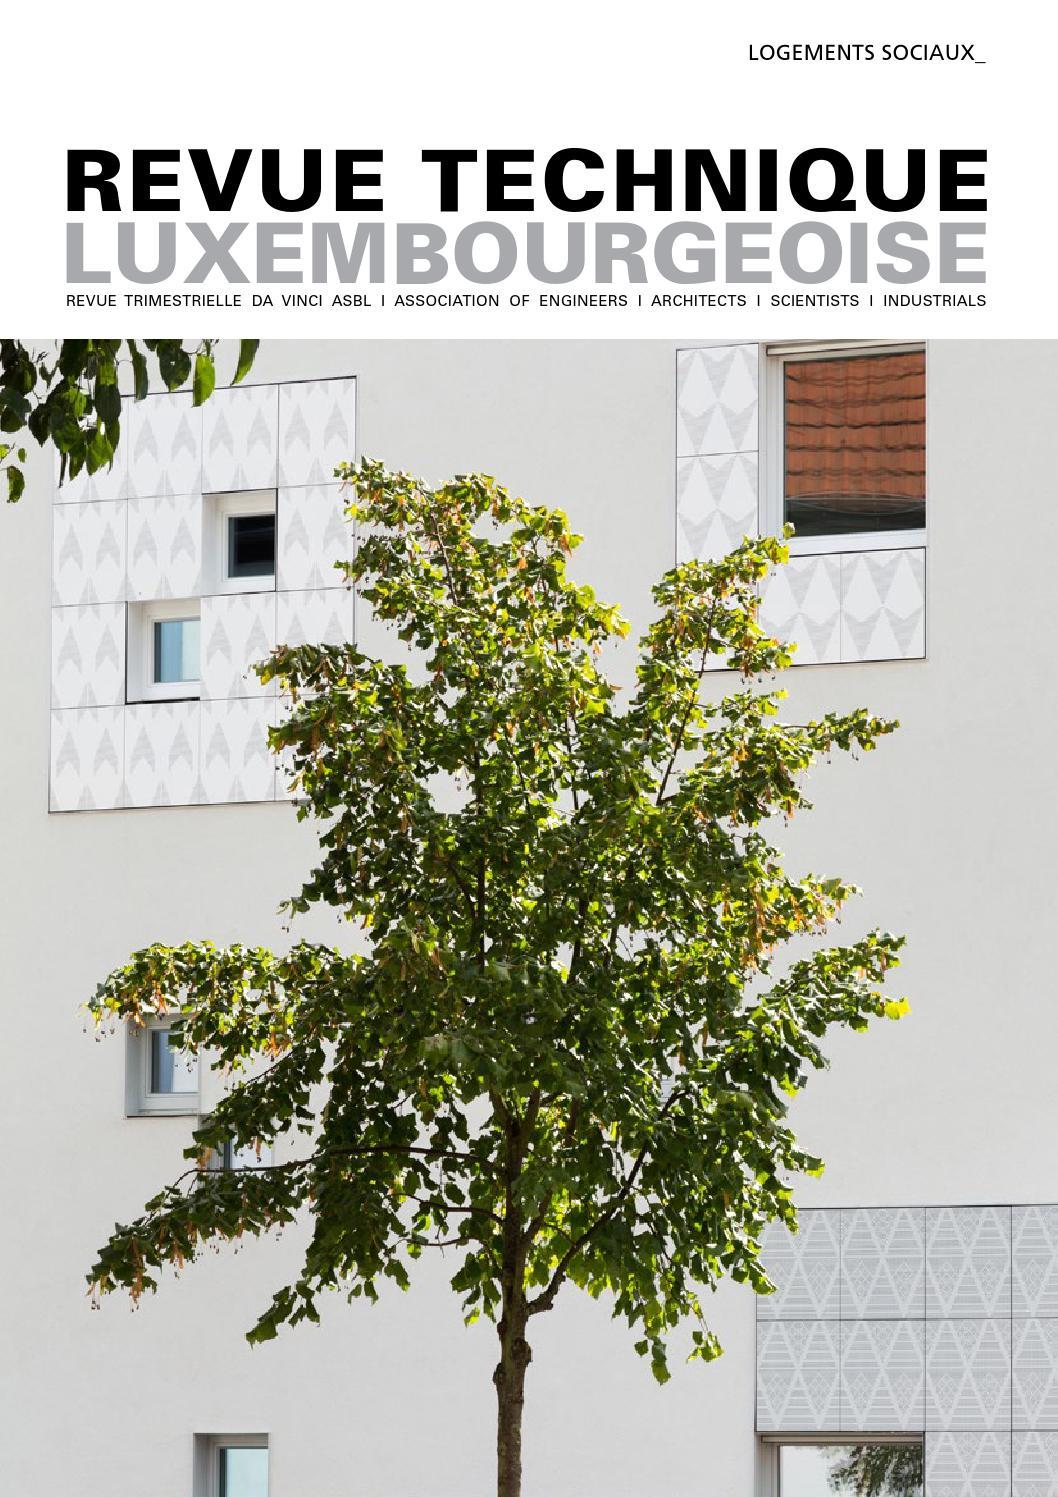 Revue Technique 01 | 2016 by Paul Schroeder - issuu